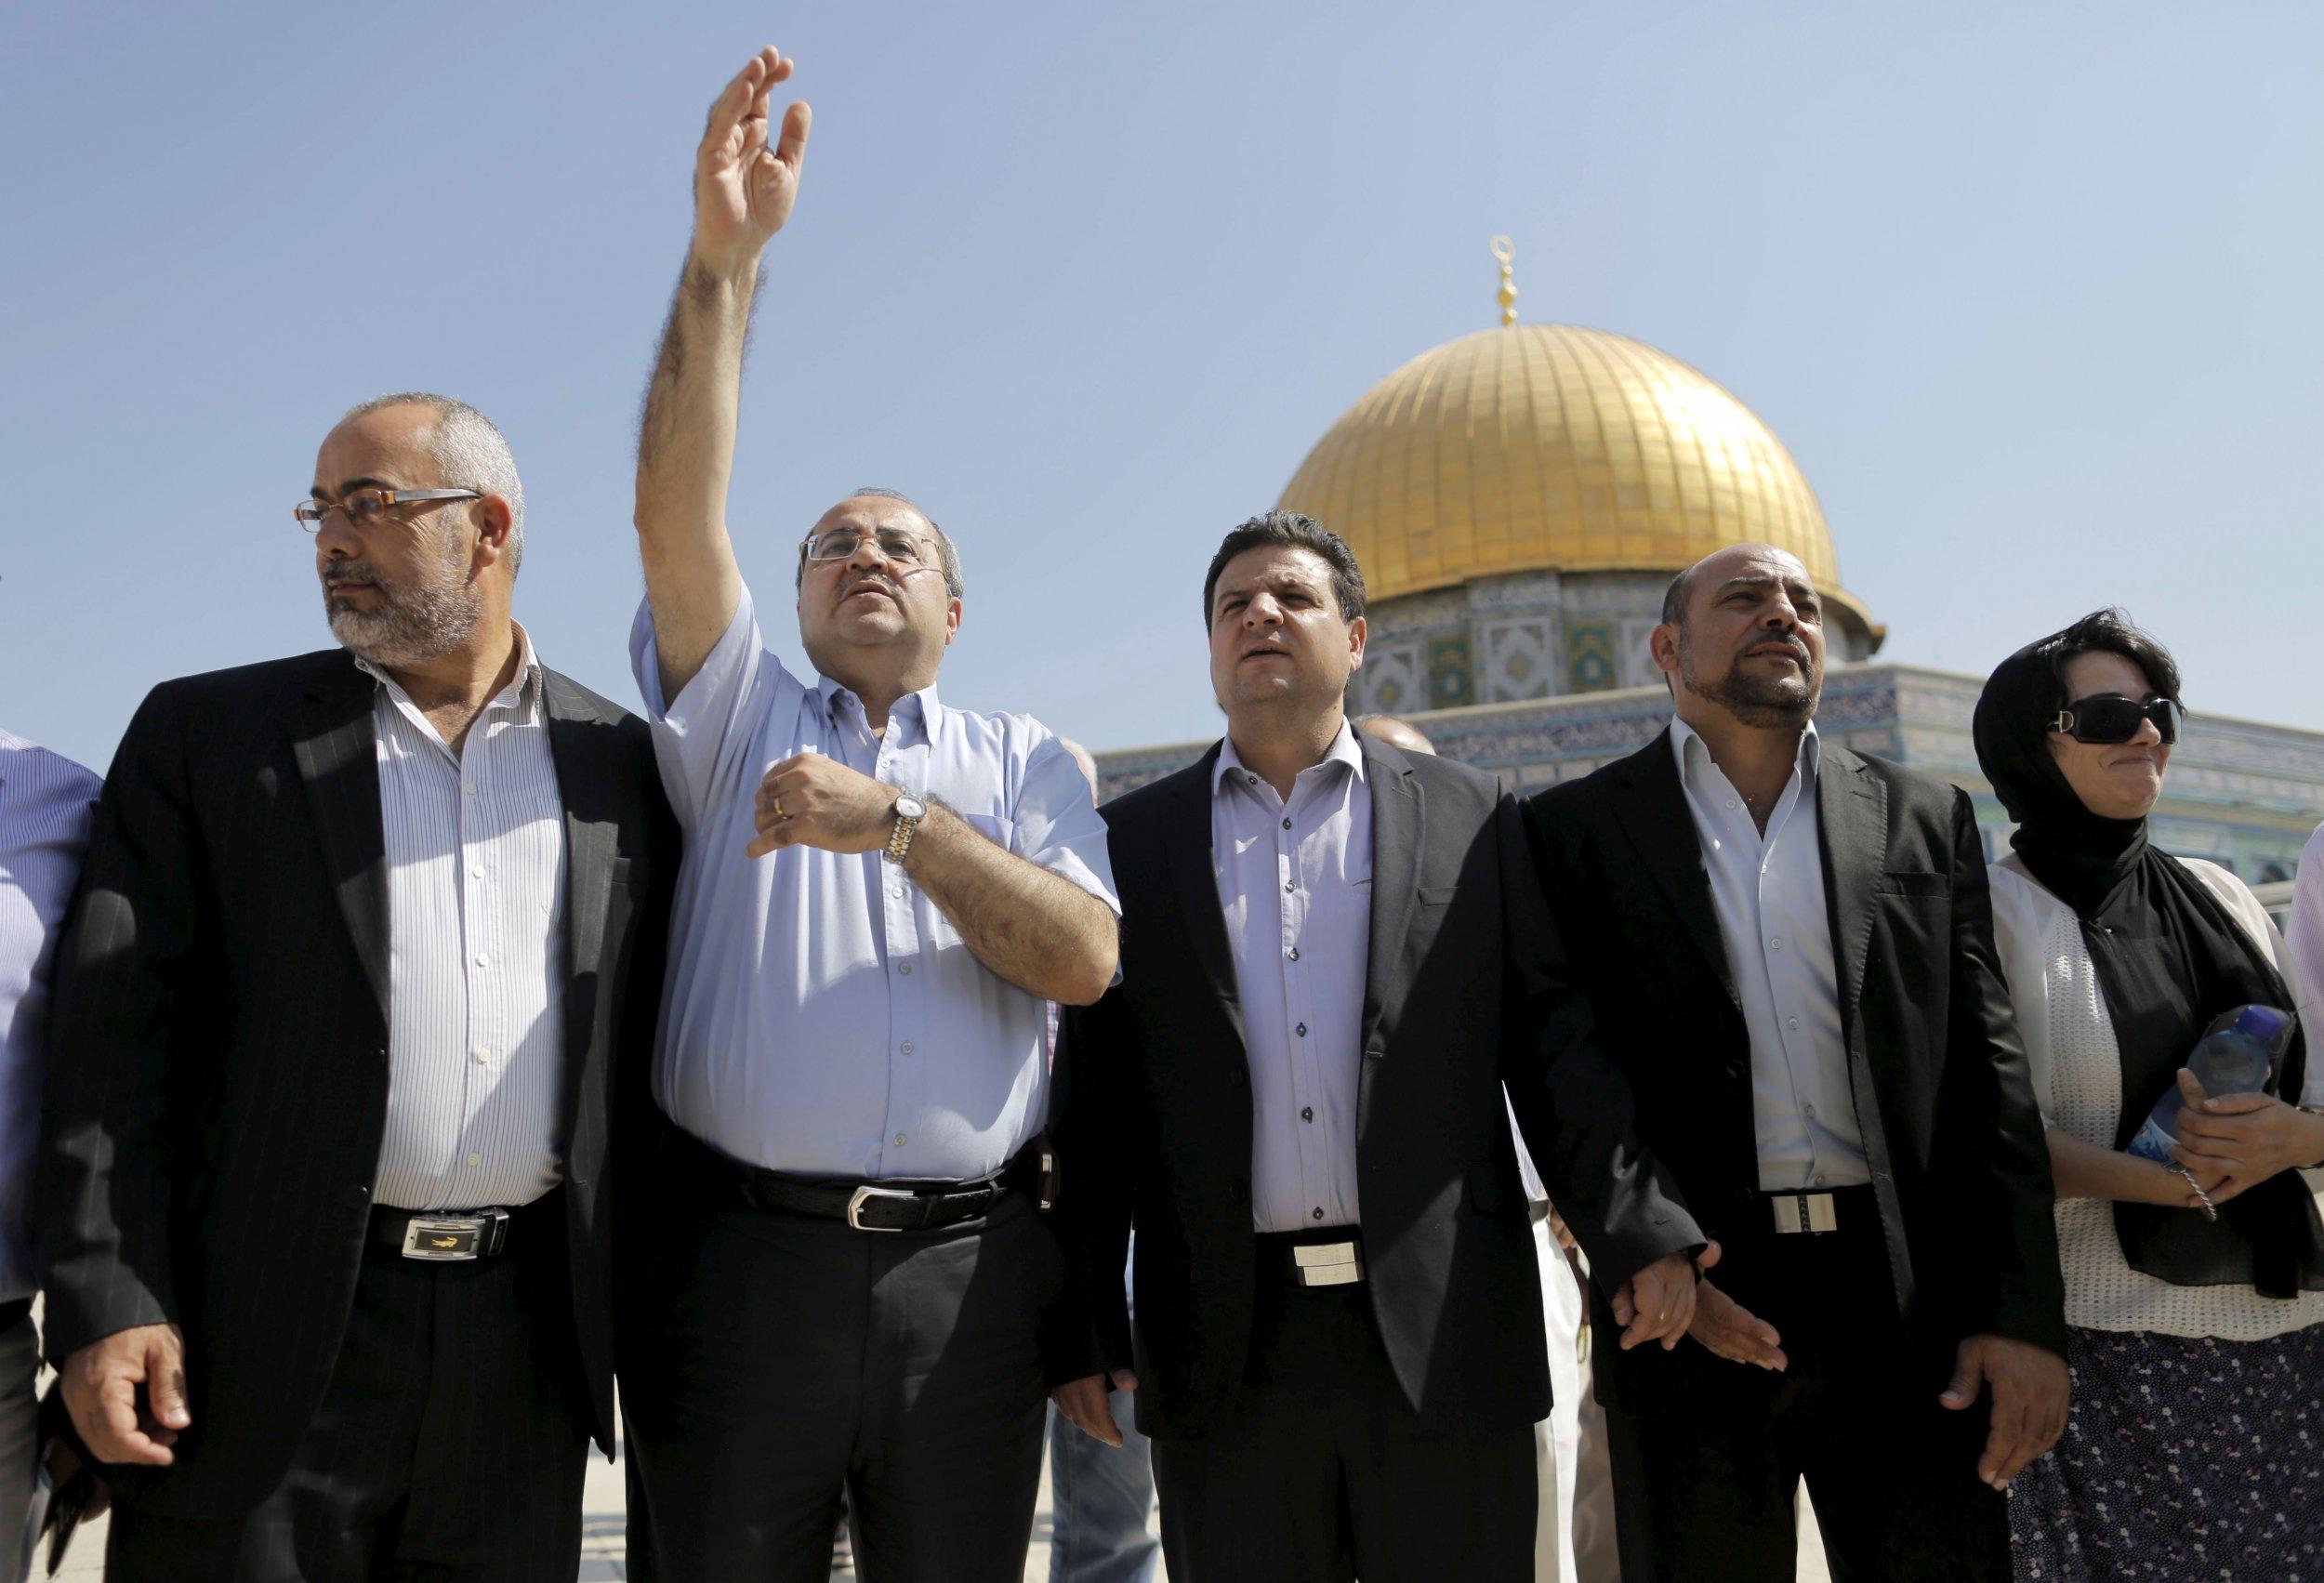 Israel Arab Jews Middle East Palestinians Knesset